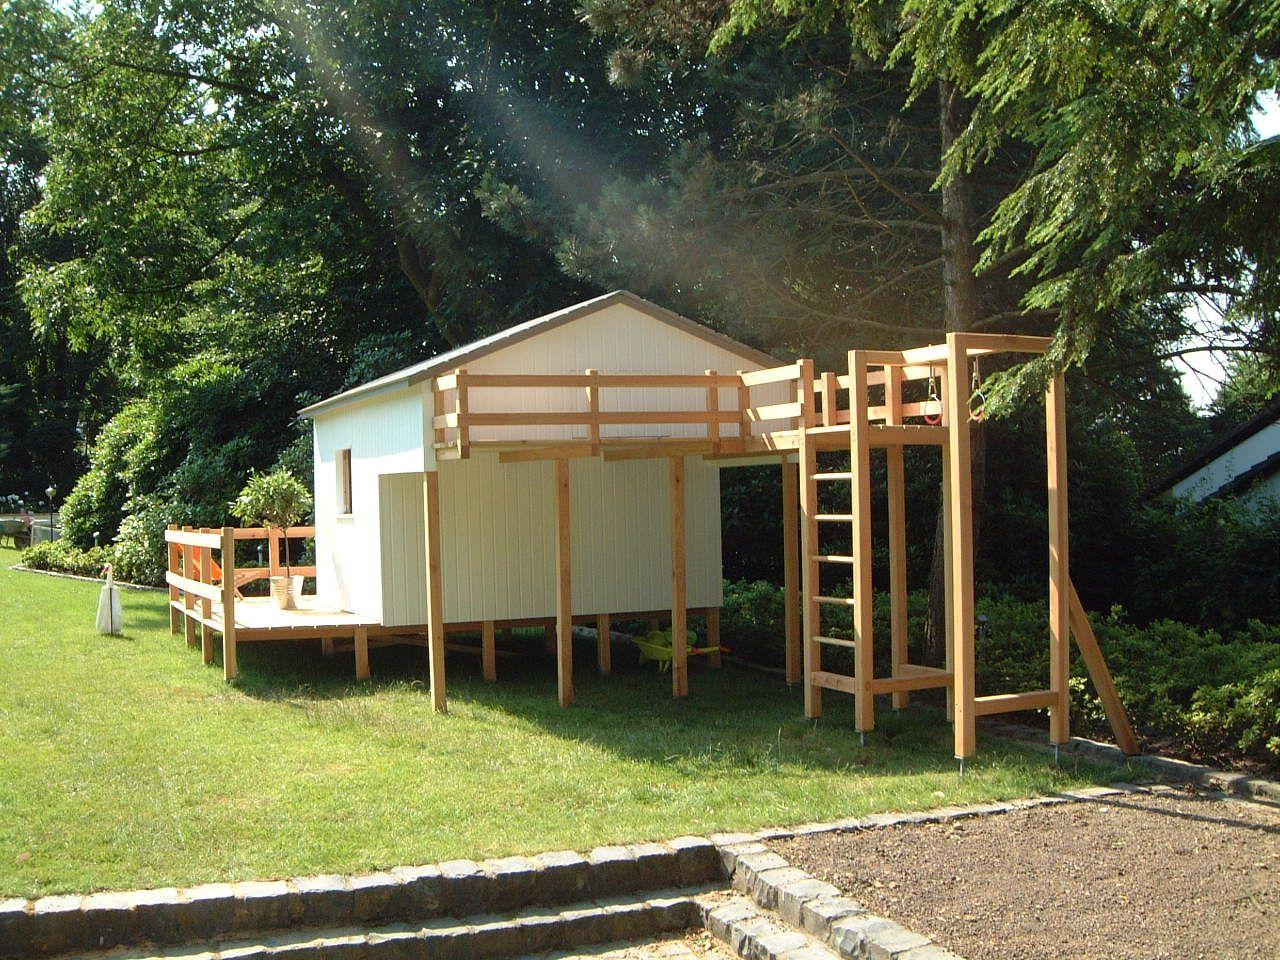 Klettergerüst Spruch : Gartenhaus für kinder mit integriertem klettergerüst geheimgang